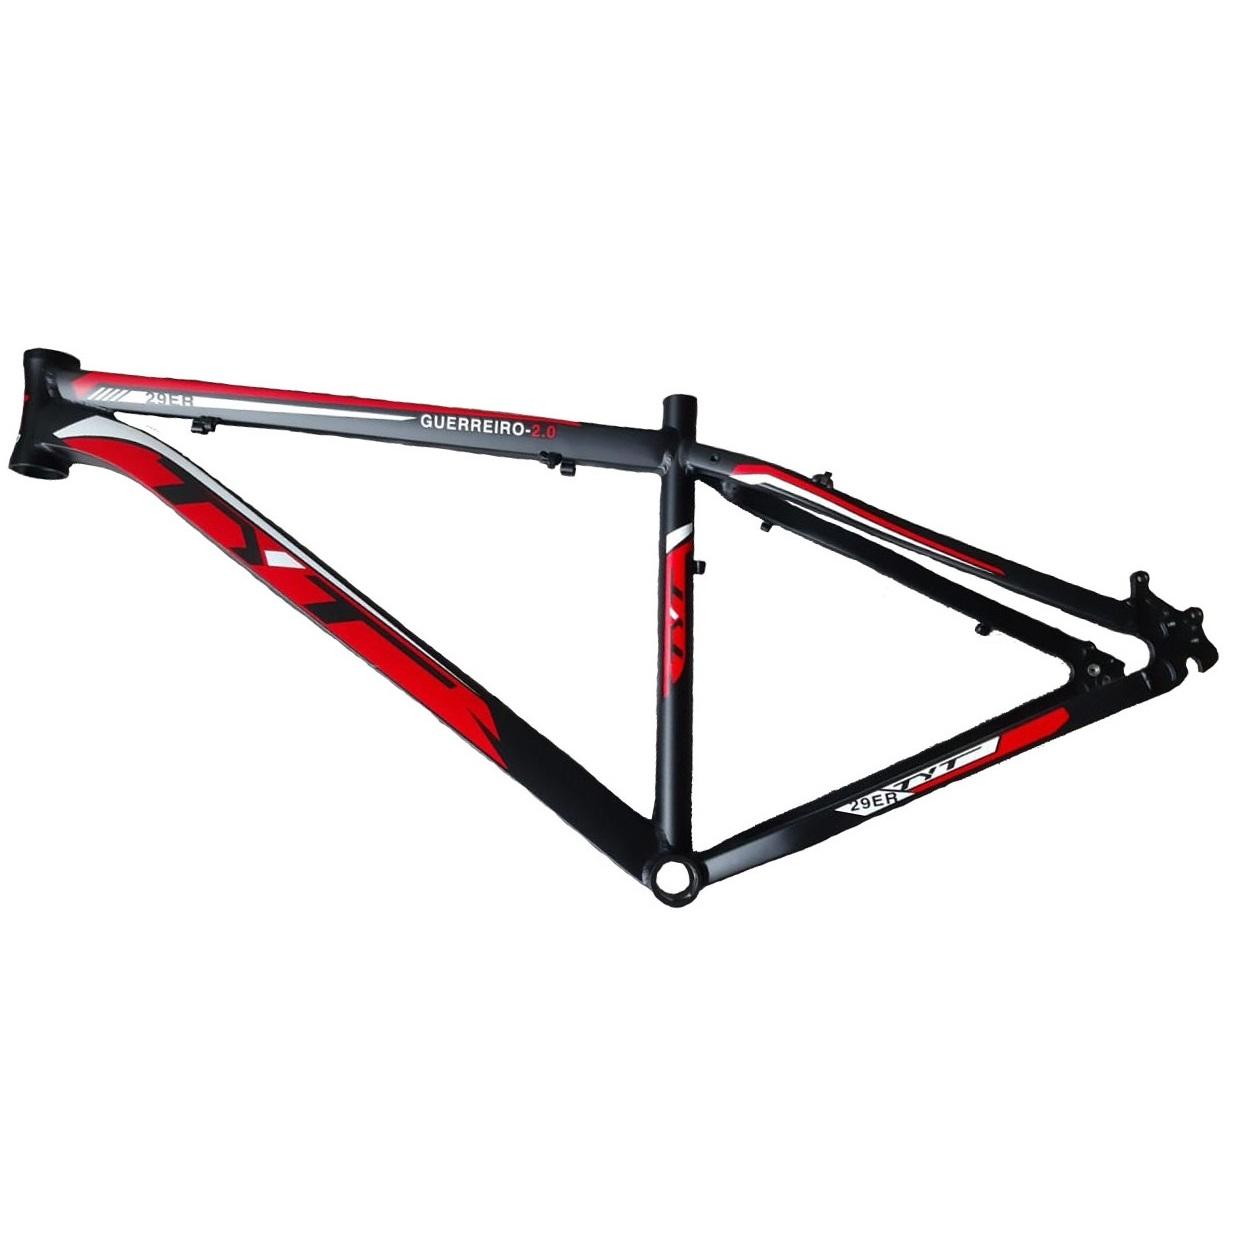 Quadro MTB Aro 29 Bicicleta TYT Guerreiro 2.0 - Vermelho